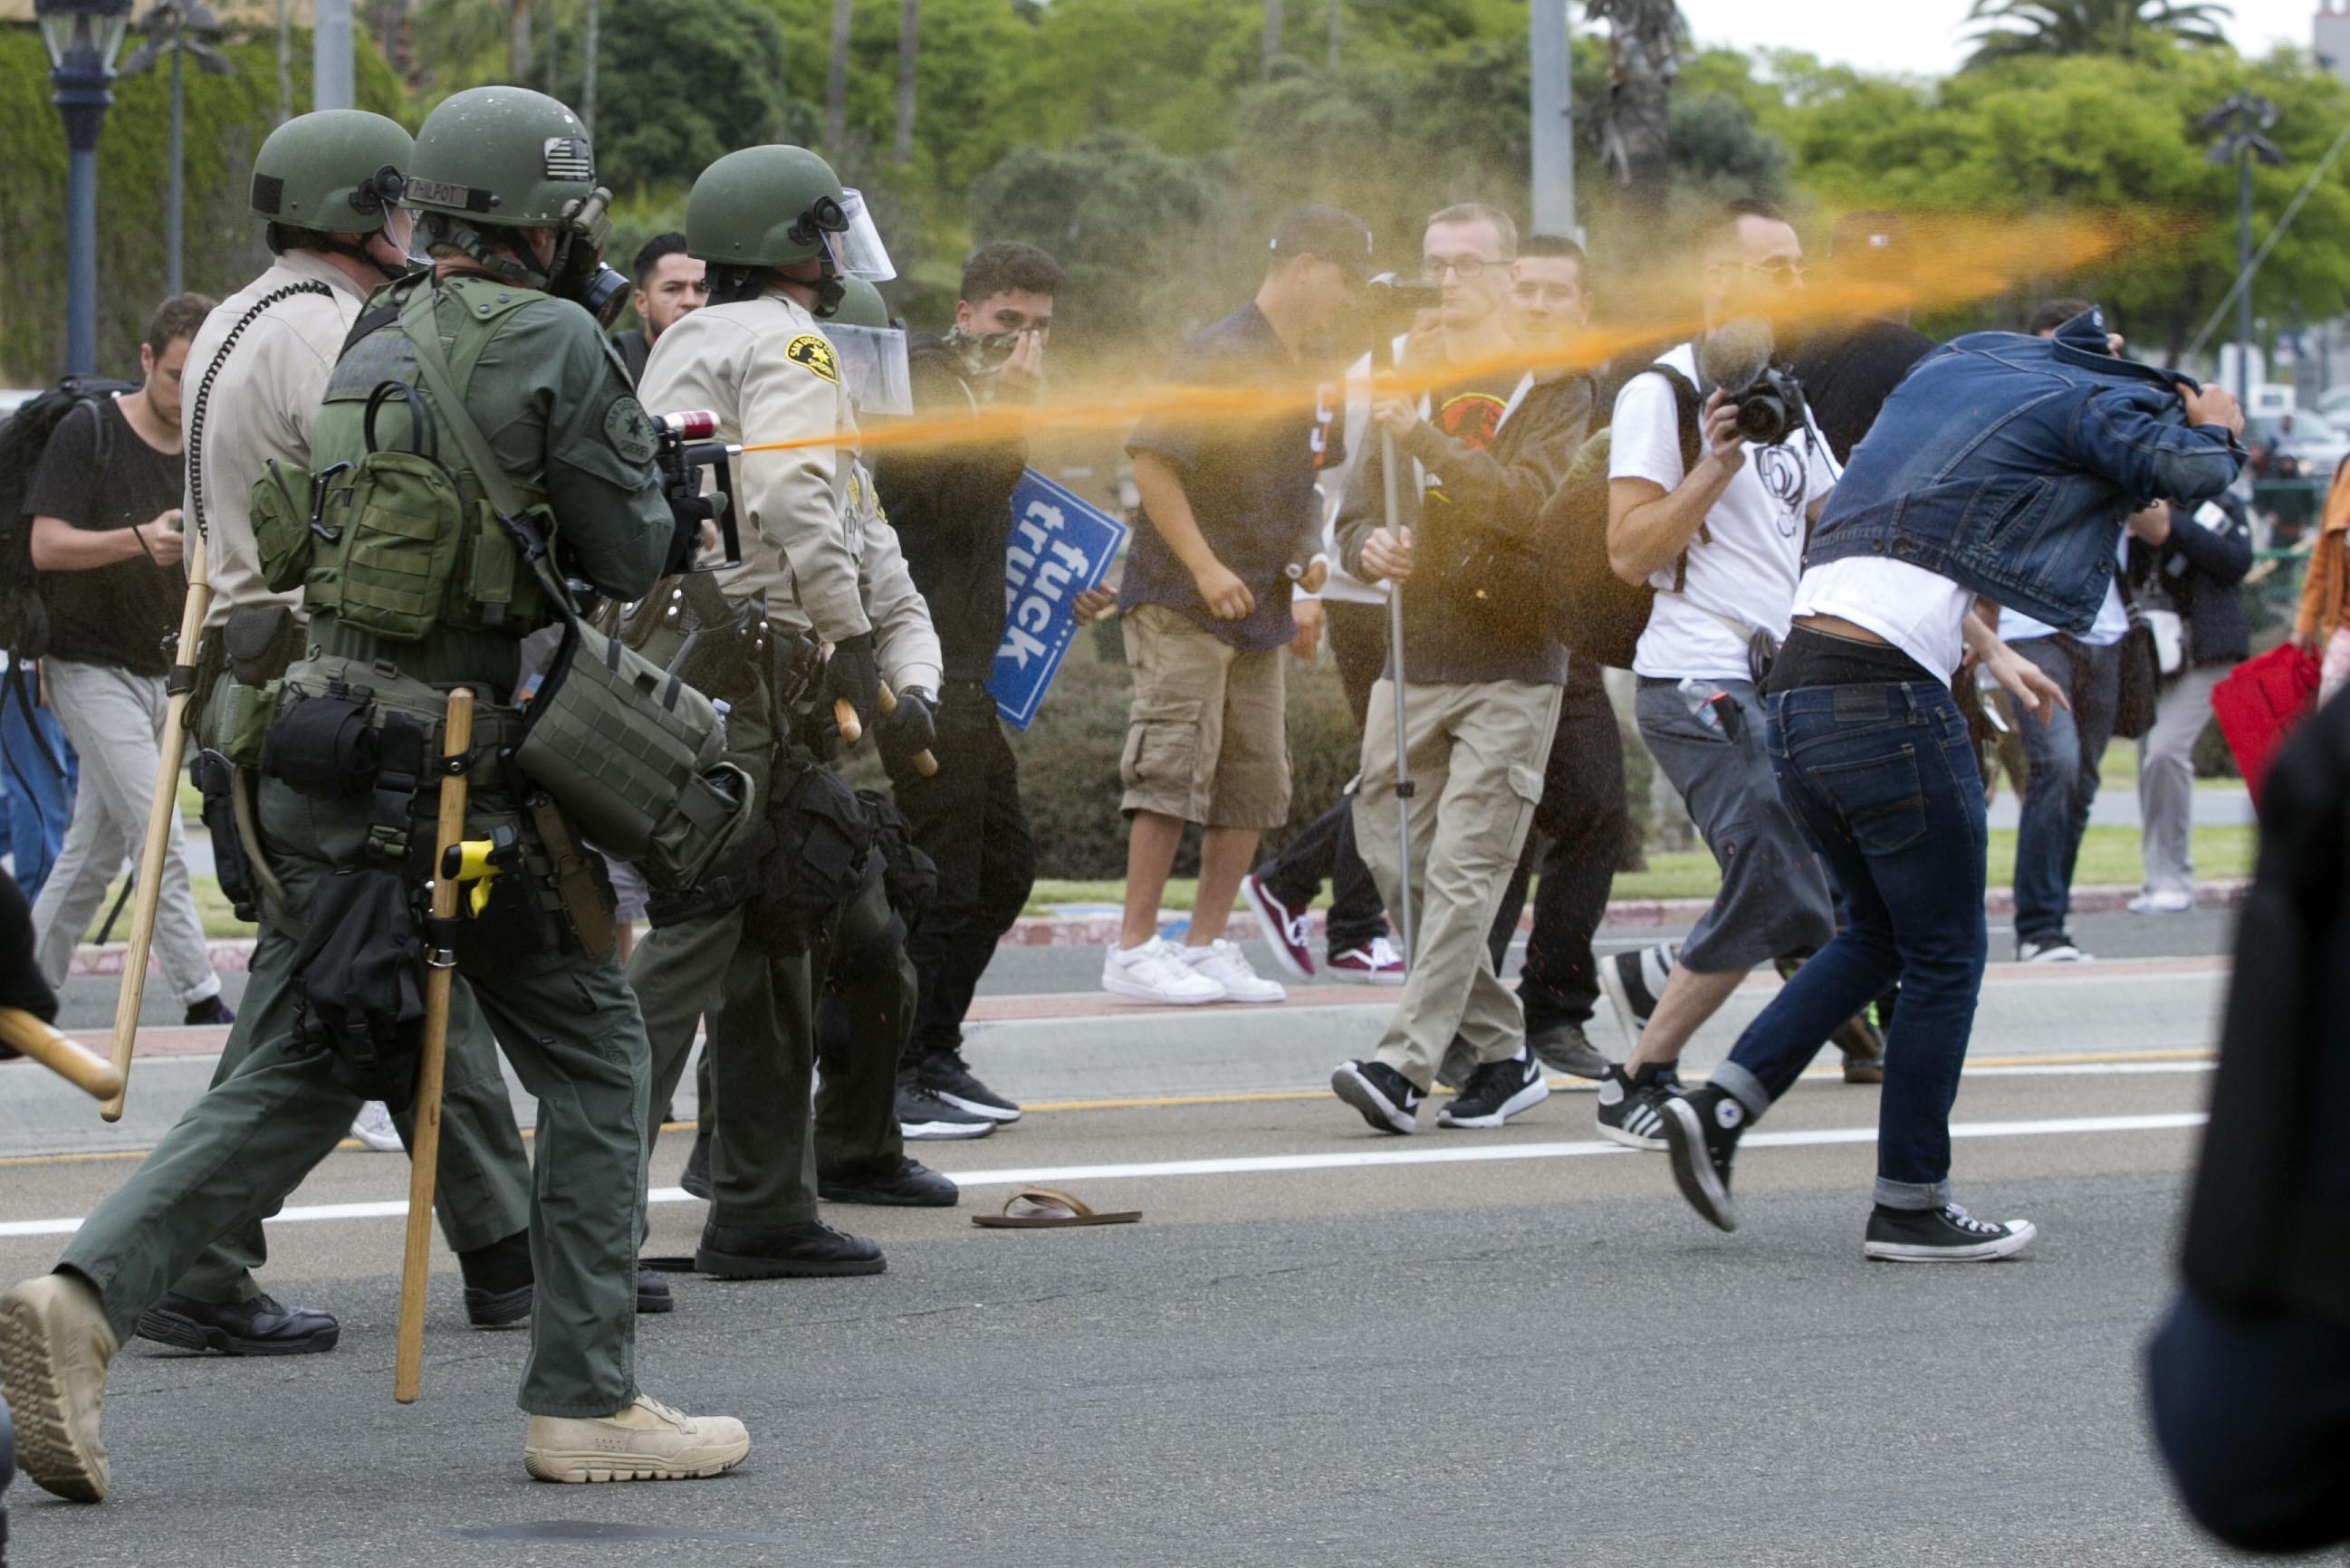 聖地牙哥警方用胡椒噴霧攻擊現場的抗議民眾。(美聯社)